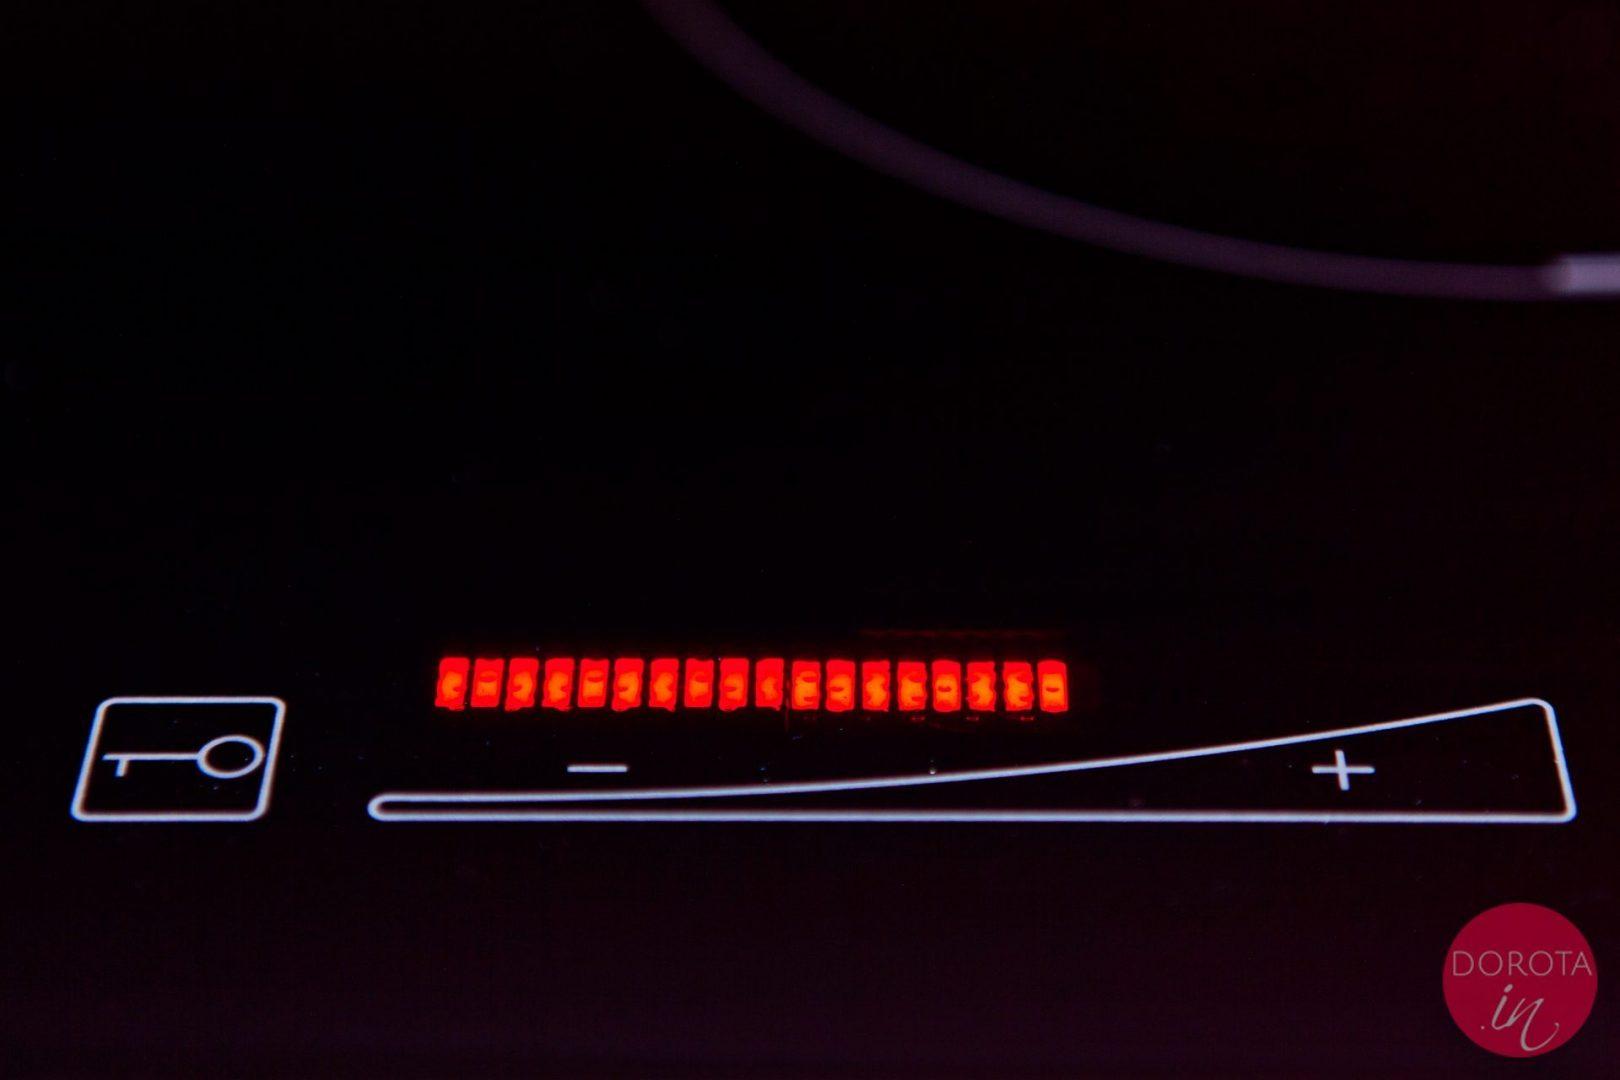 Solgaz - panel dotykowy - wygodna i płynna regulacja mocy